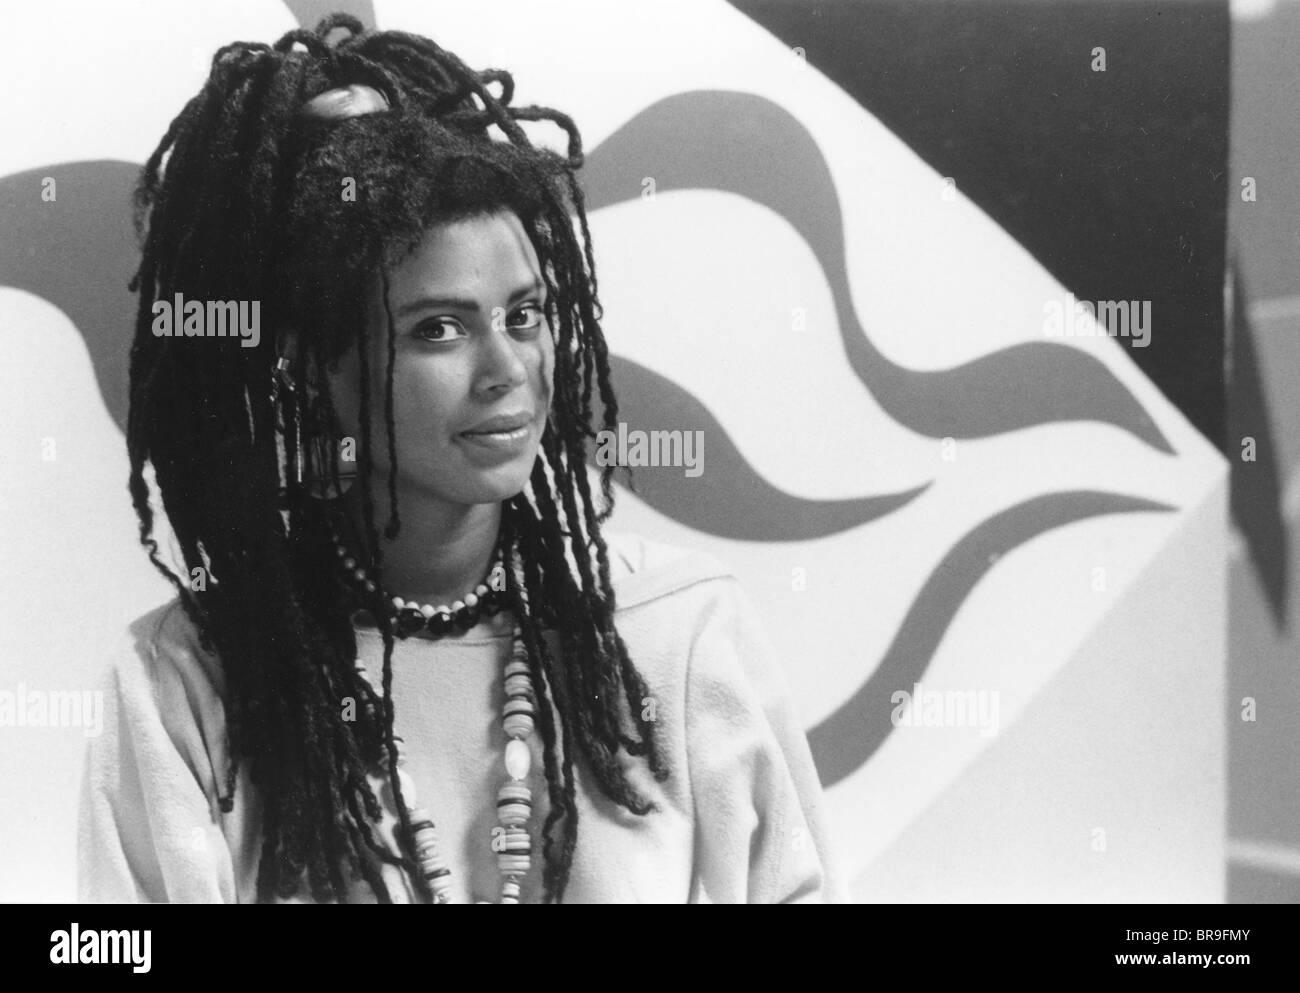 AMAZULU Promotional Photo Of Anne-Marie Ruddock Led Singer